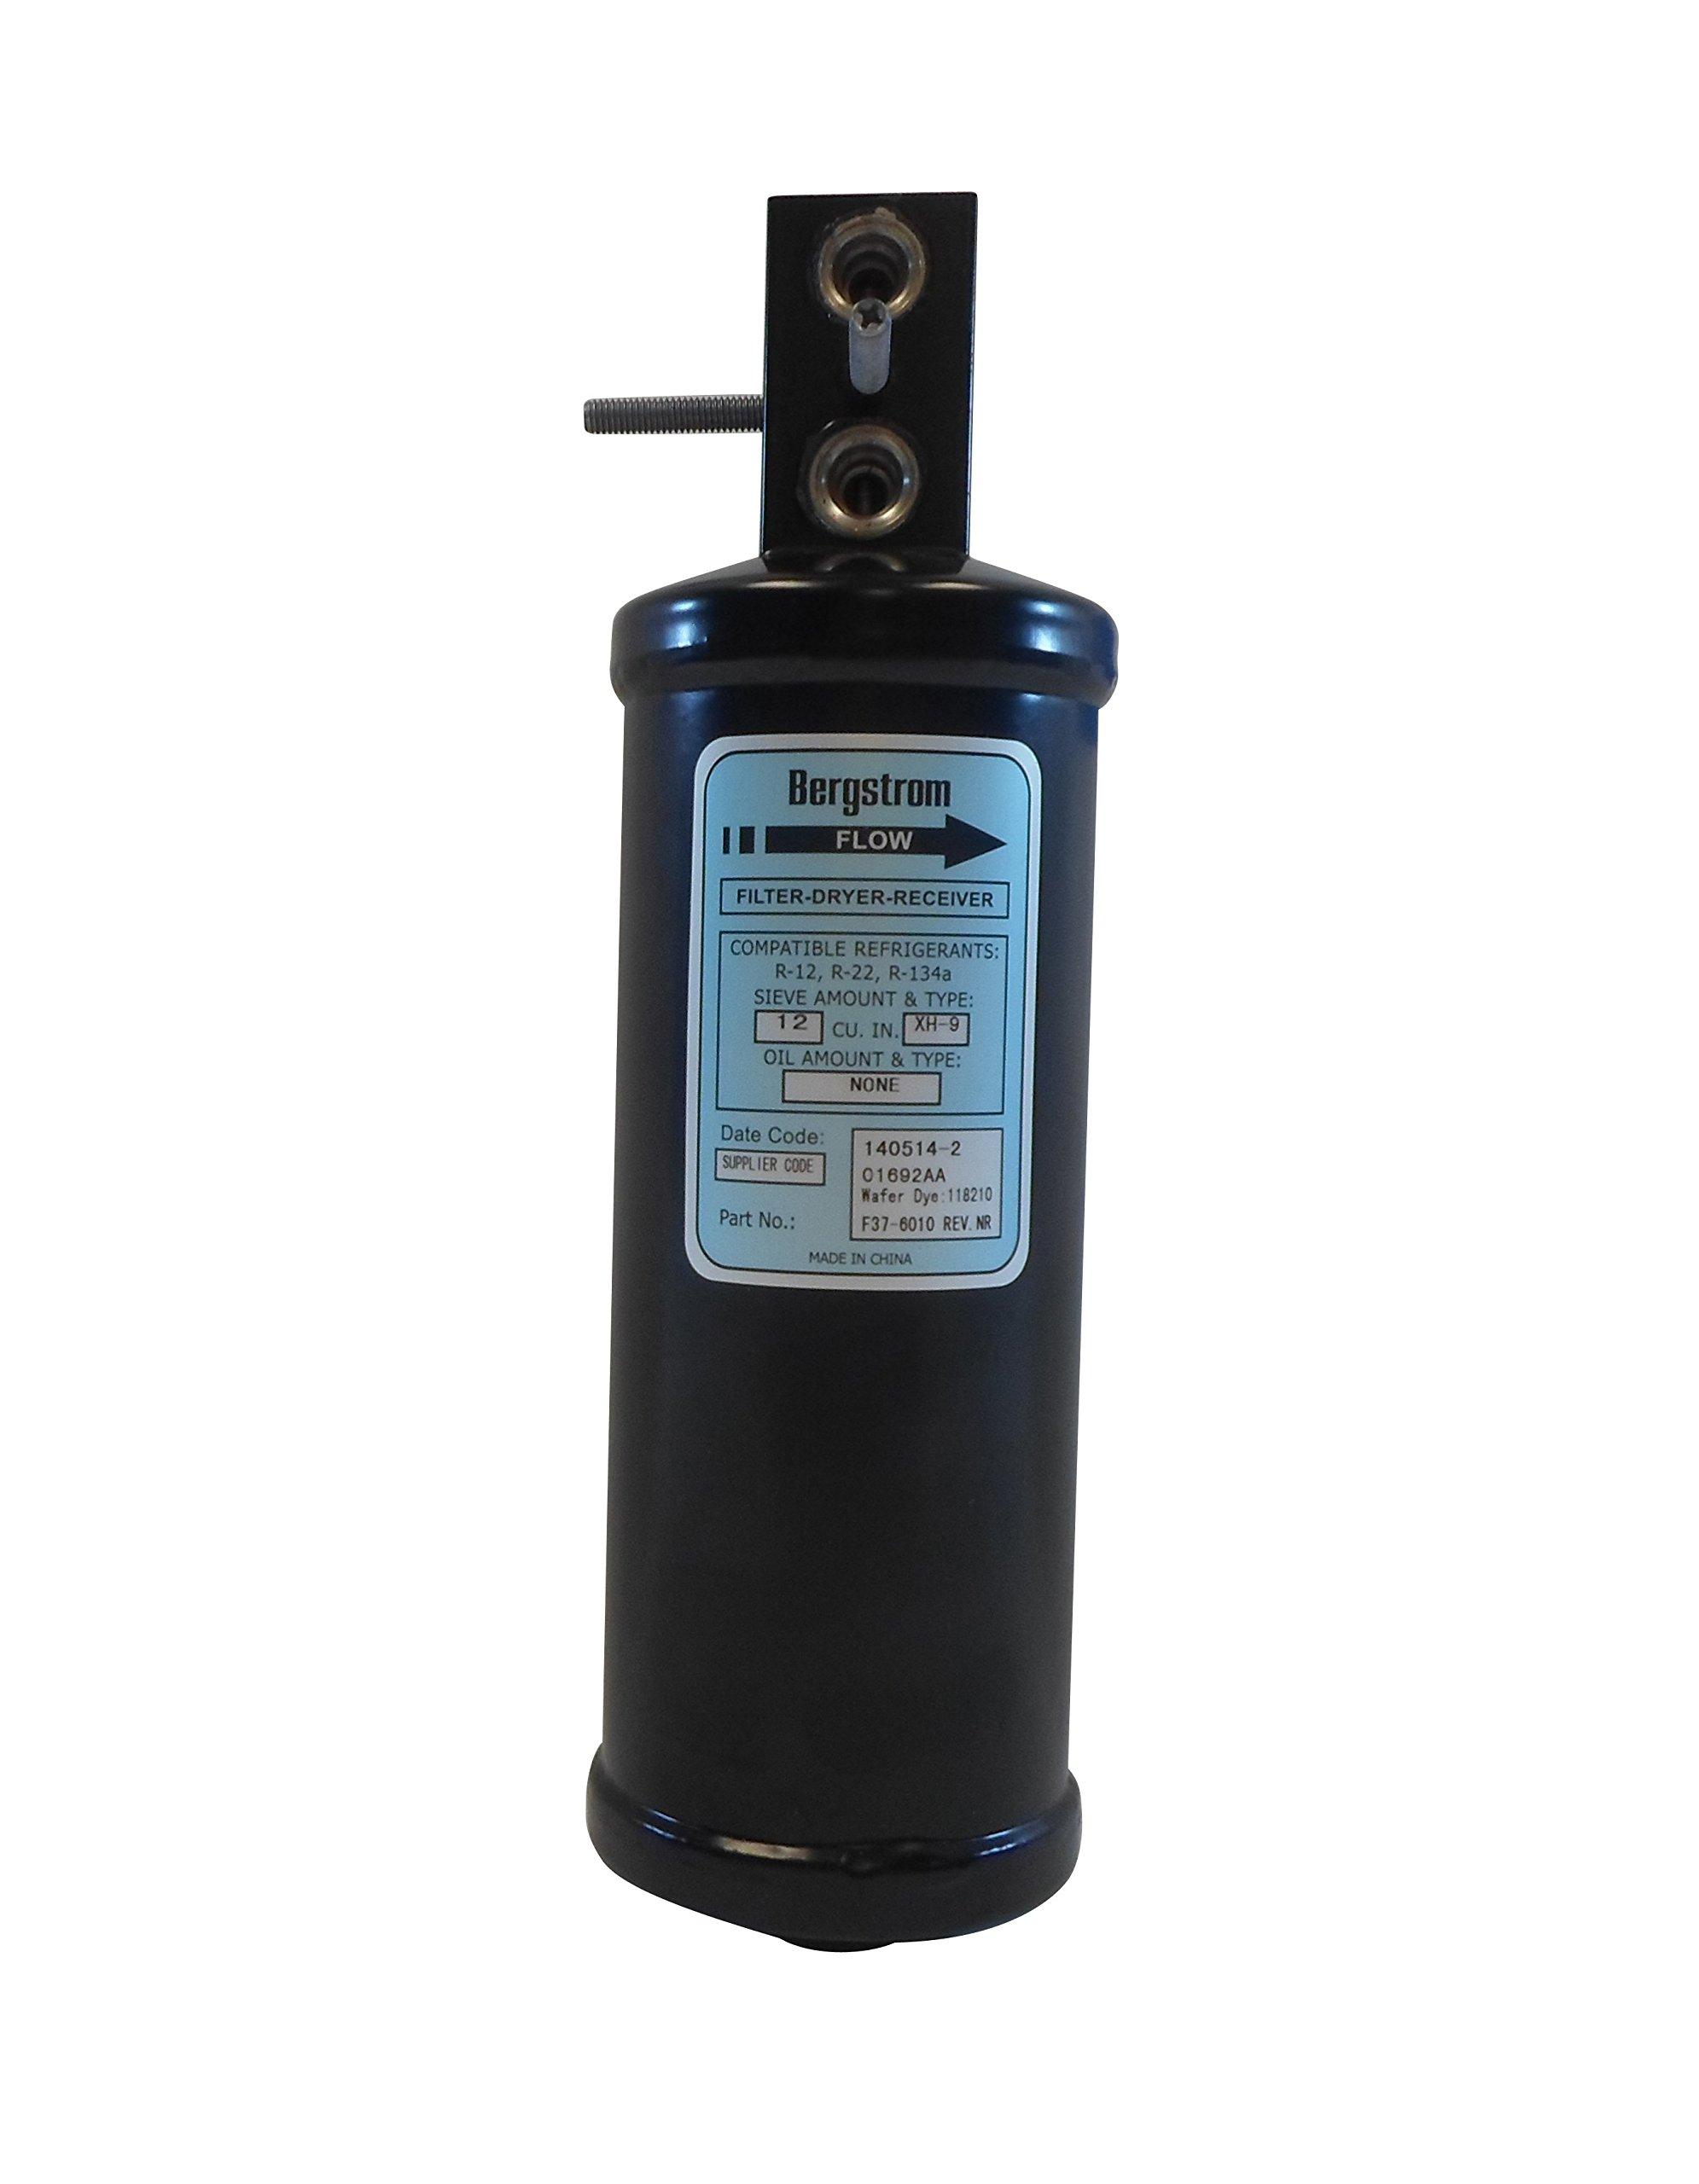 4 HVAC C US 1000259980 RECEIVER DRIER W/WAFER DYE by 4 HVAC C US